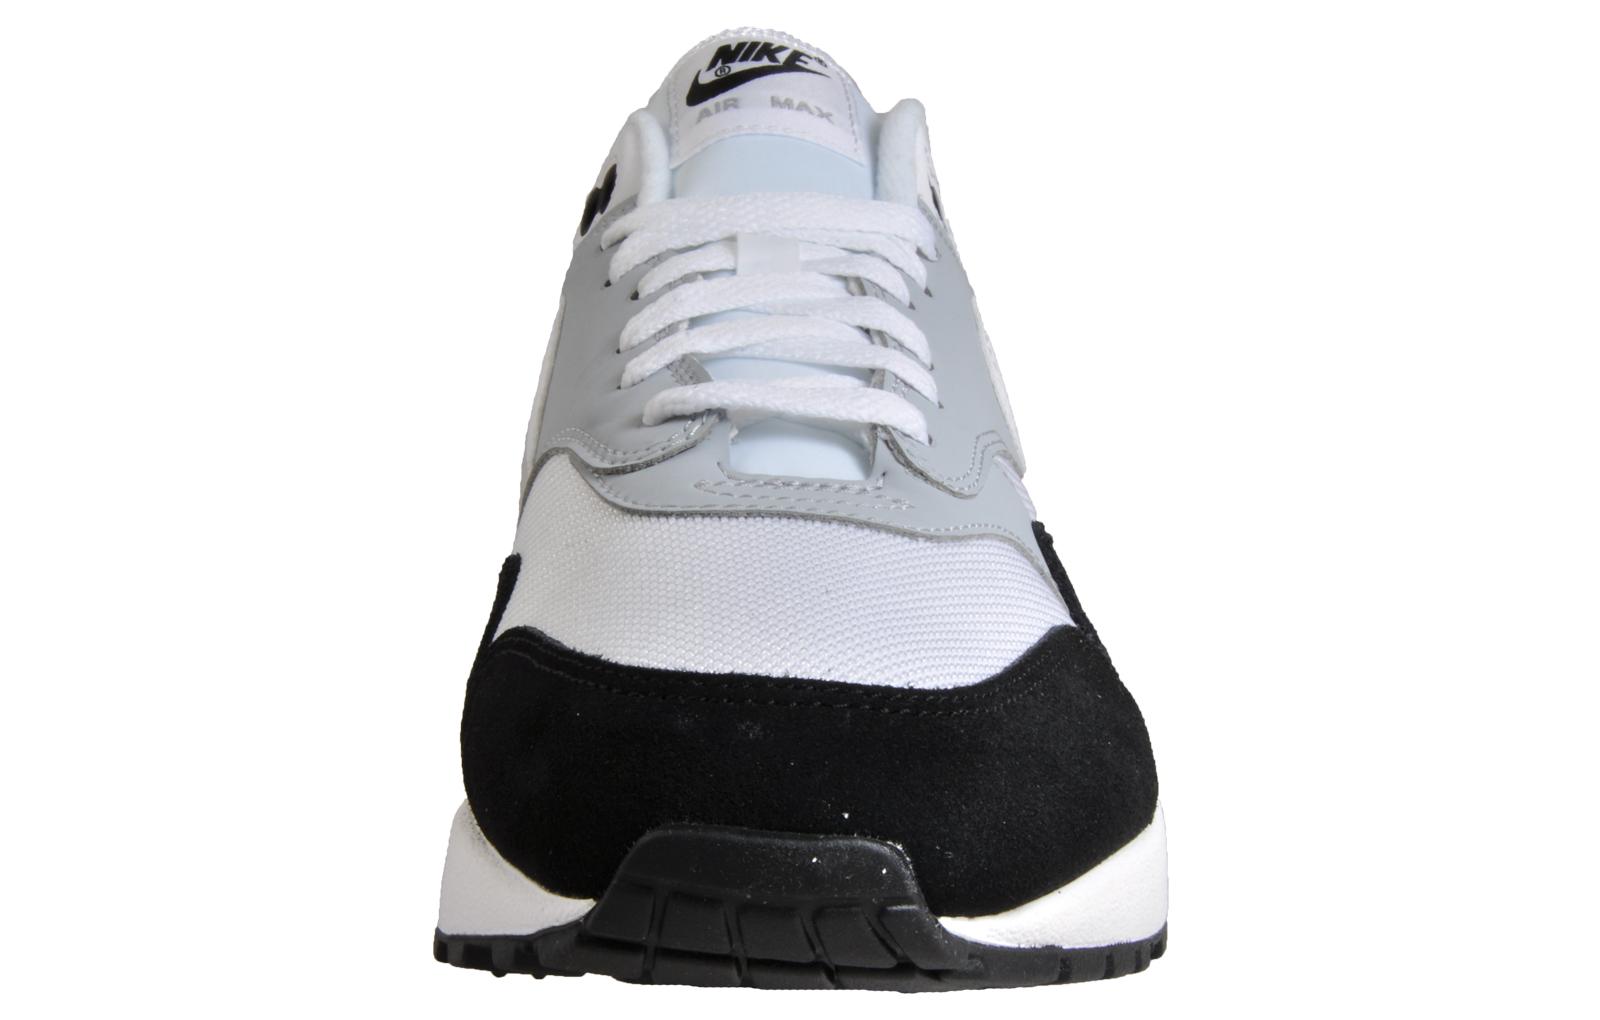 b8005276aa Nike Air Max 1 Premium Men's Casual Retro Sneakers Trainers   eBay